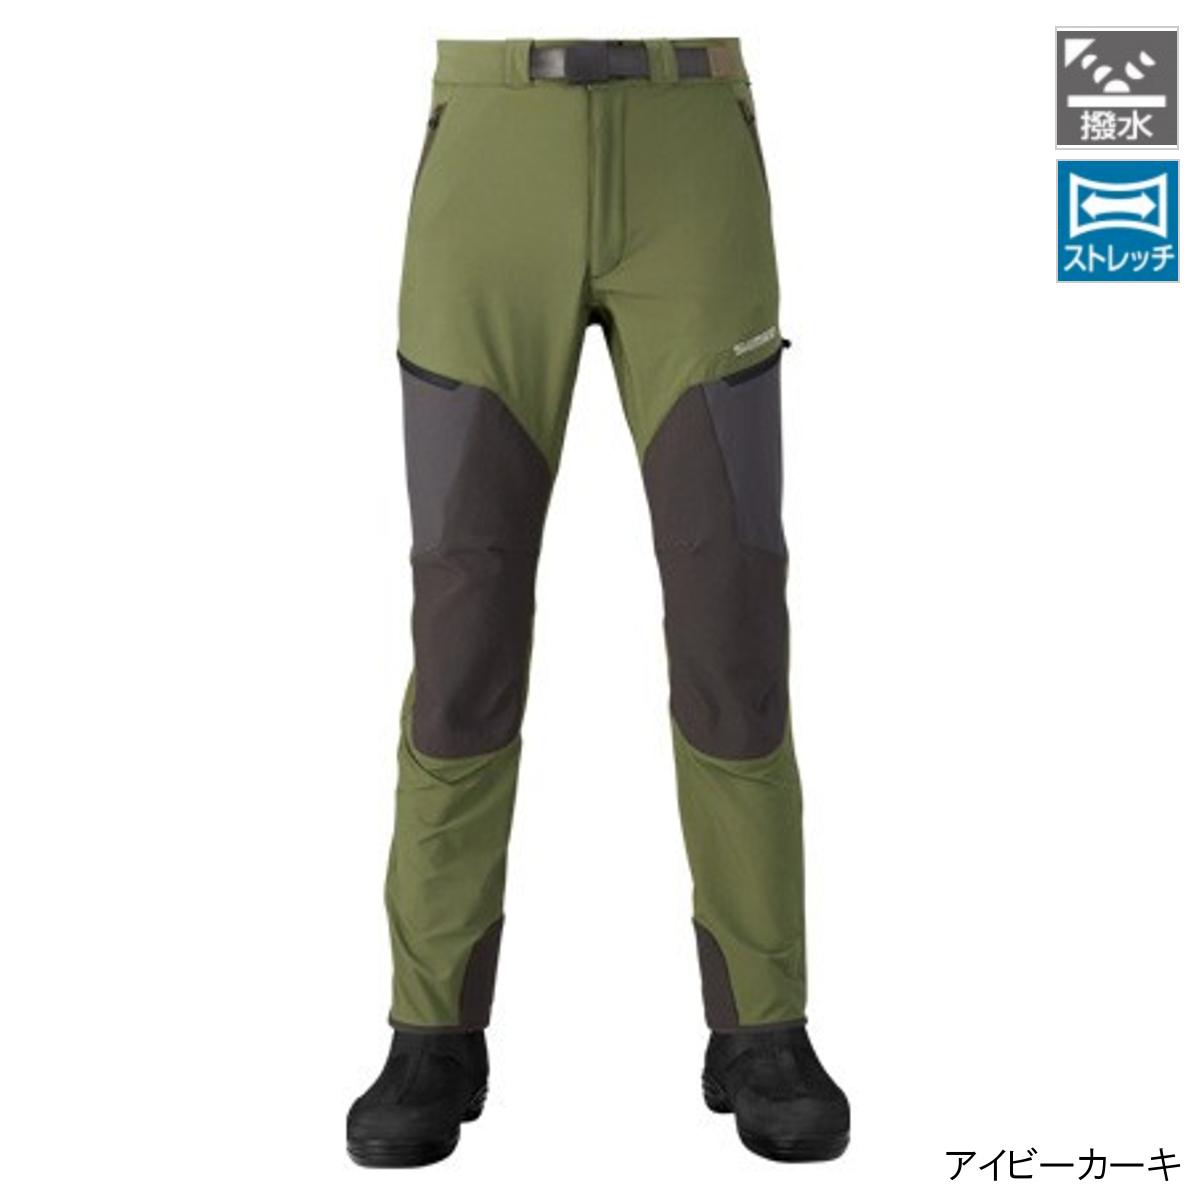 シマノ 撥水ストレッチパンツ PA-041R XL アイビーカーキ